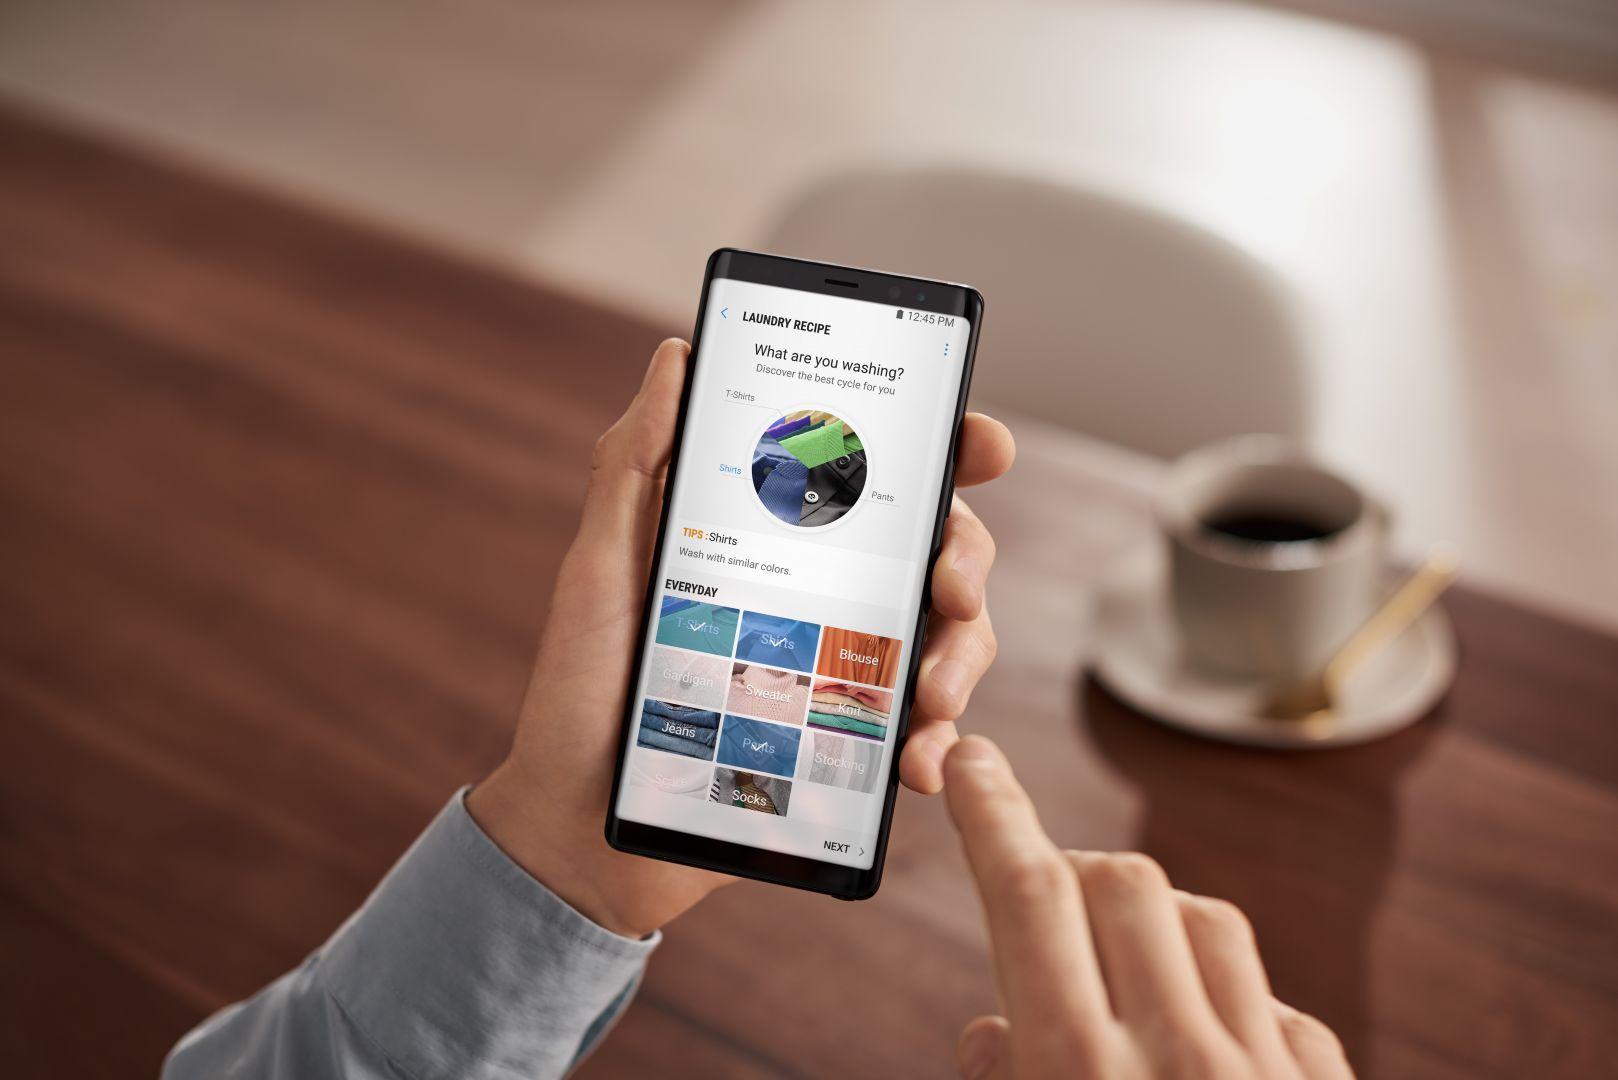 Dzięki aplikacji mobilnej z pozycji smartfonu możemy śledzić przebieg cyklu, włączyć, wstrzymać lub wyłączyć pranie, a także otrzymywać powiadomienia, ile czasu zostało do jego zakończenia. Fot. Samsung